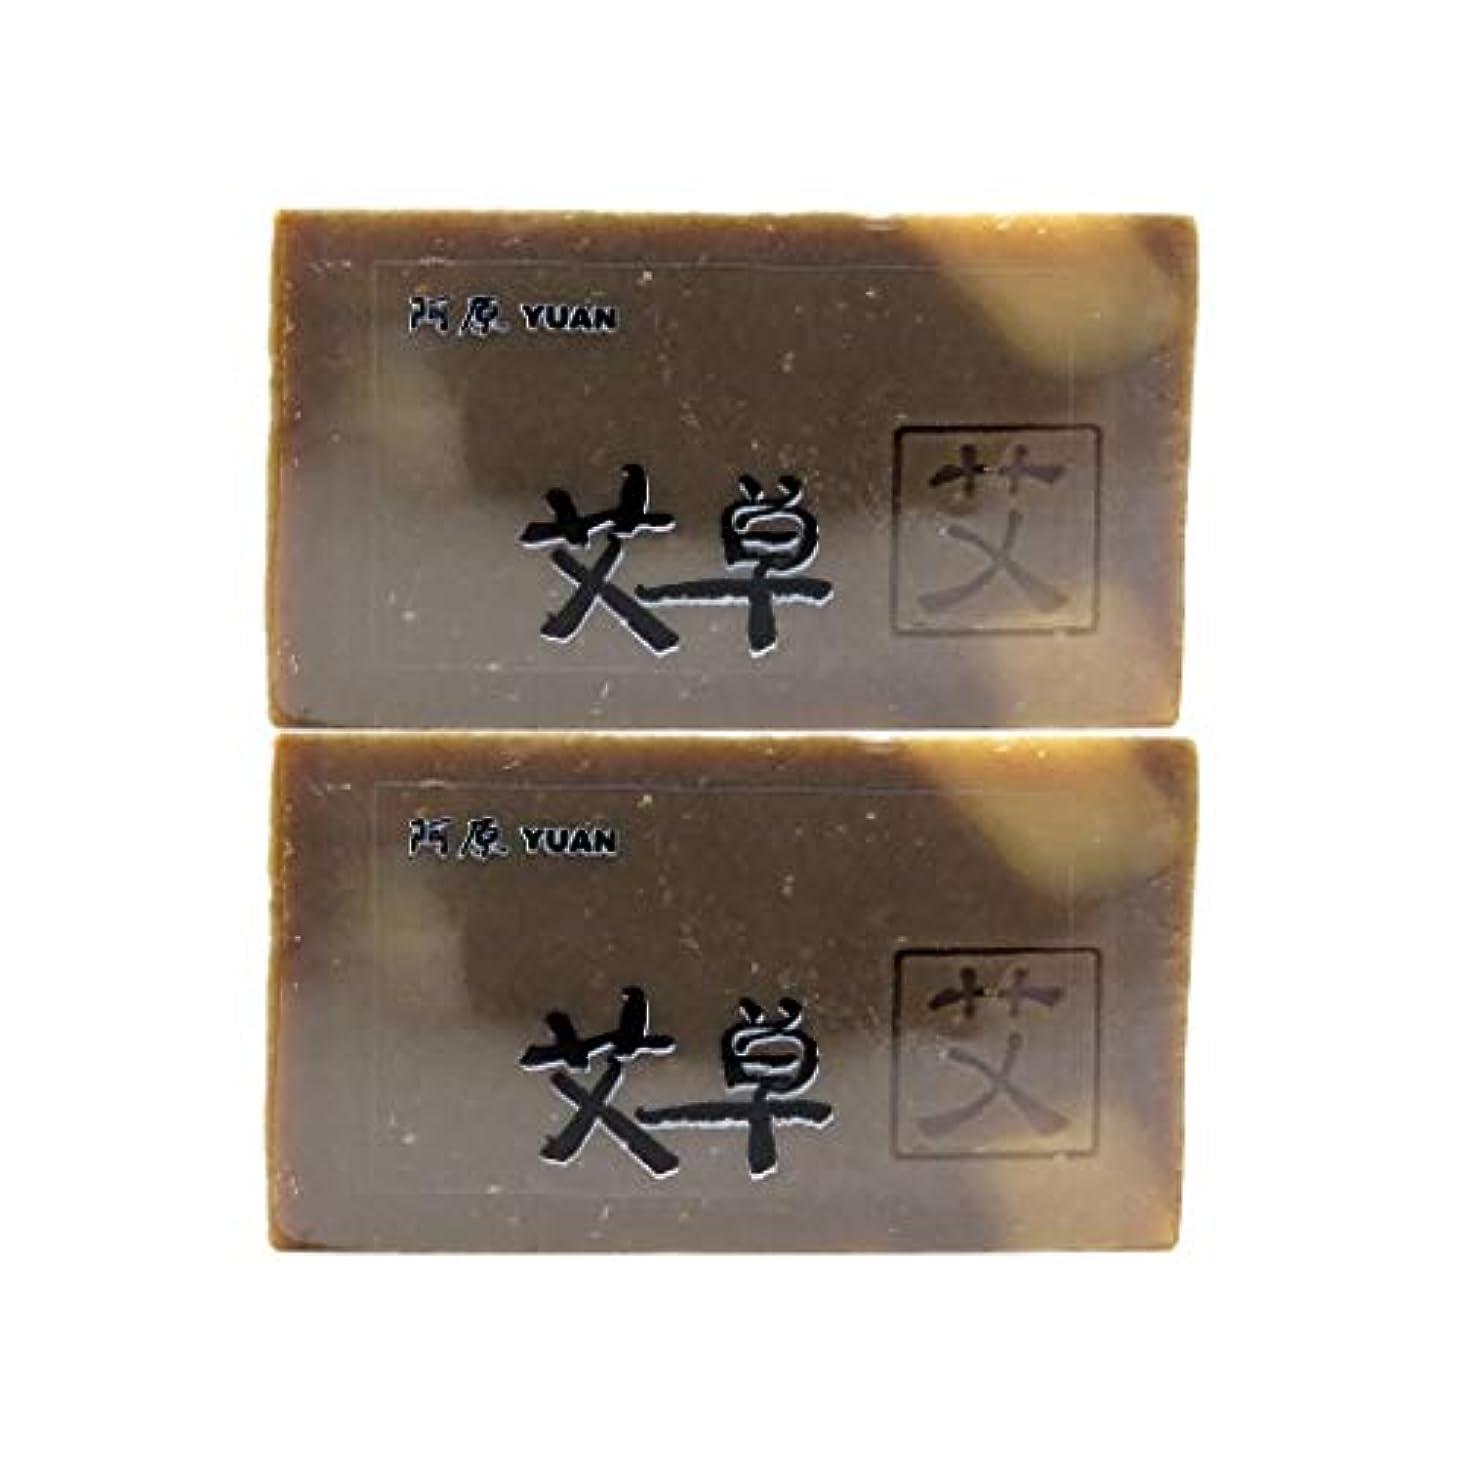 前提条件ギャンブル最高ユアン(YUAN) ヨモギソープ 100g (2個セット)